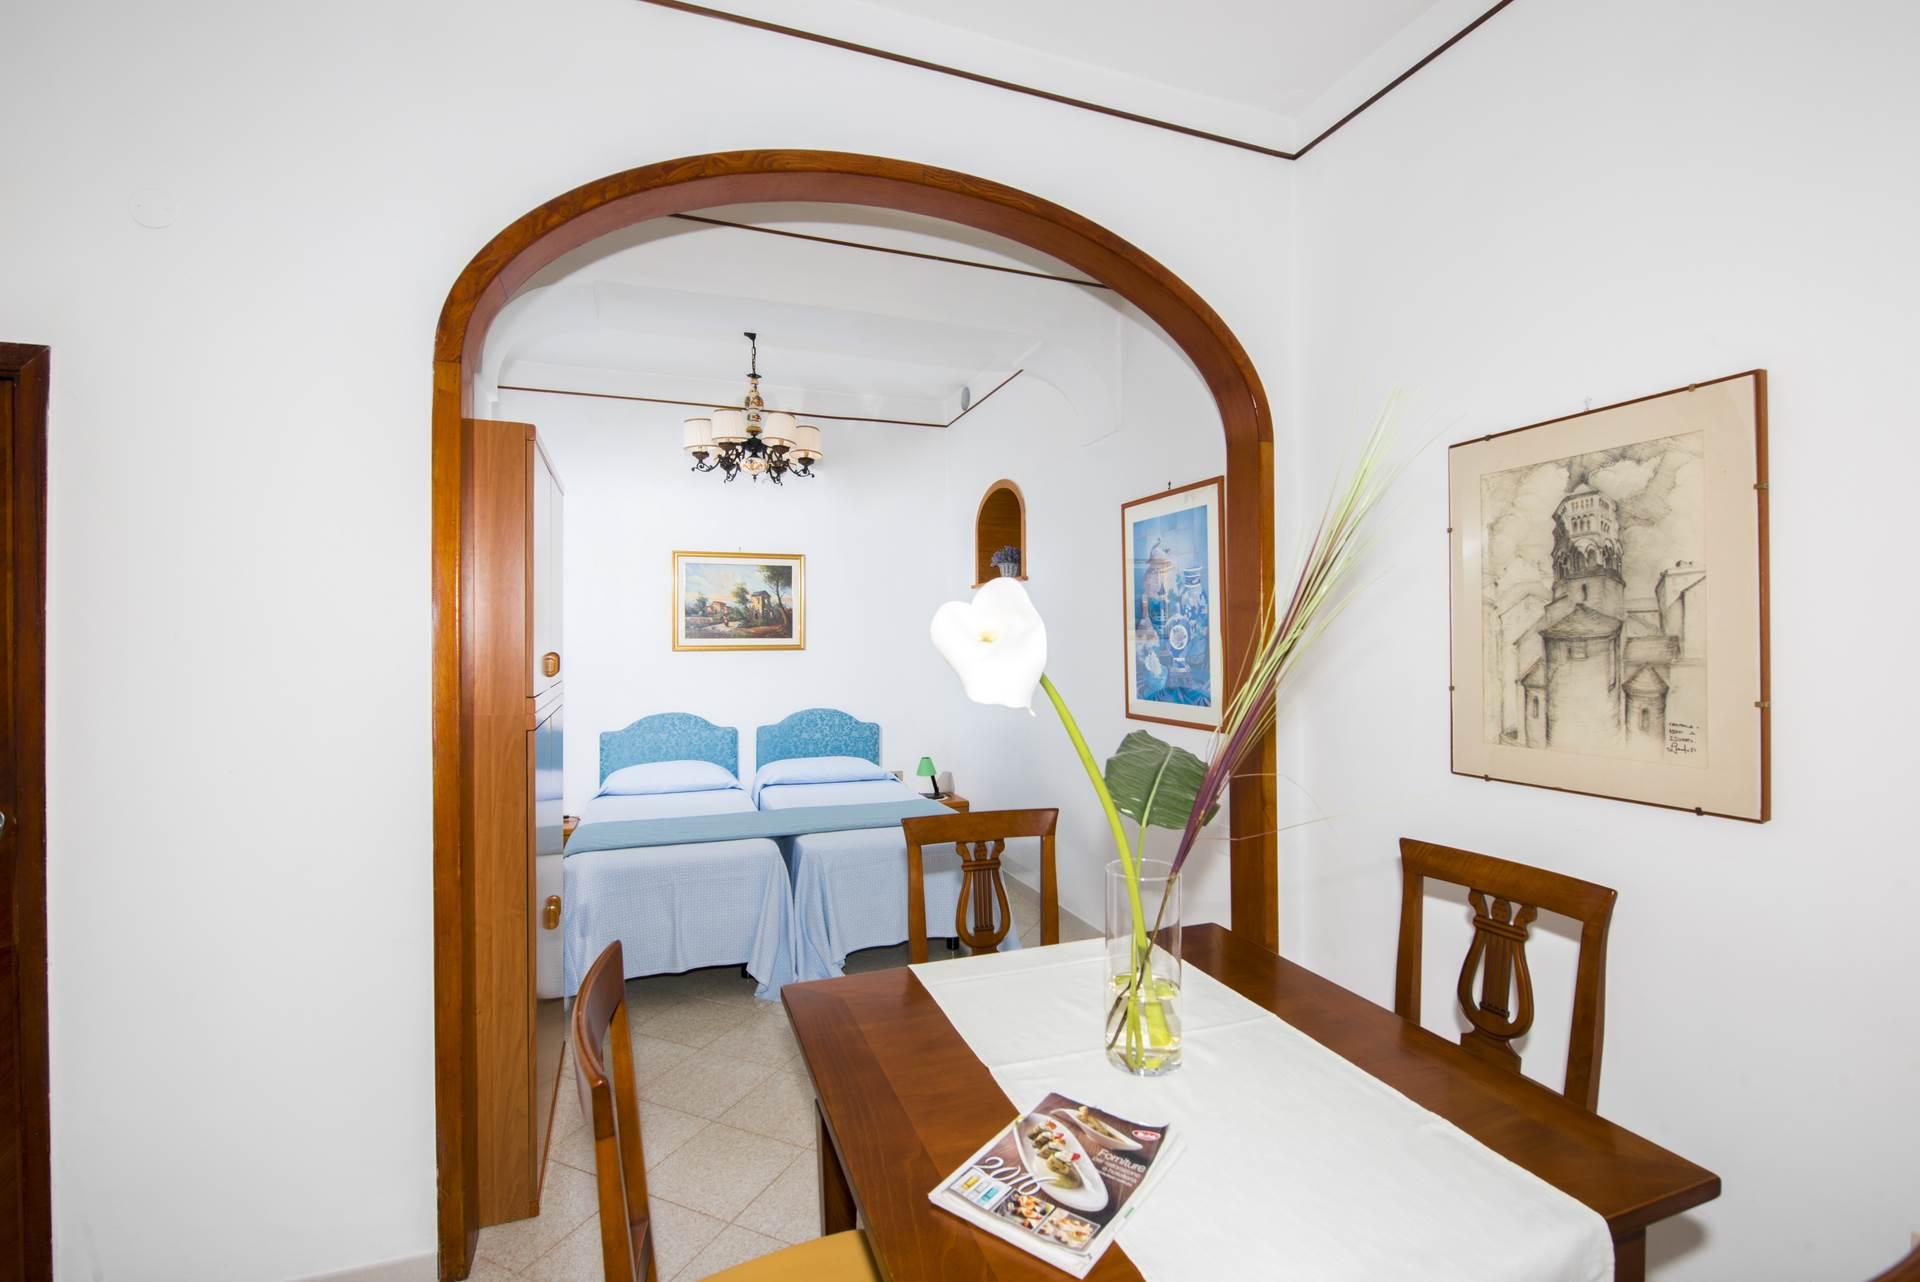 5hotel_pellegrino_praiano_seconda_serie_15_1920